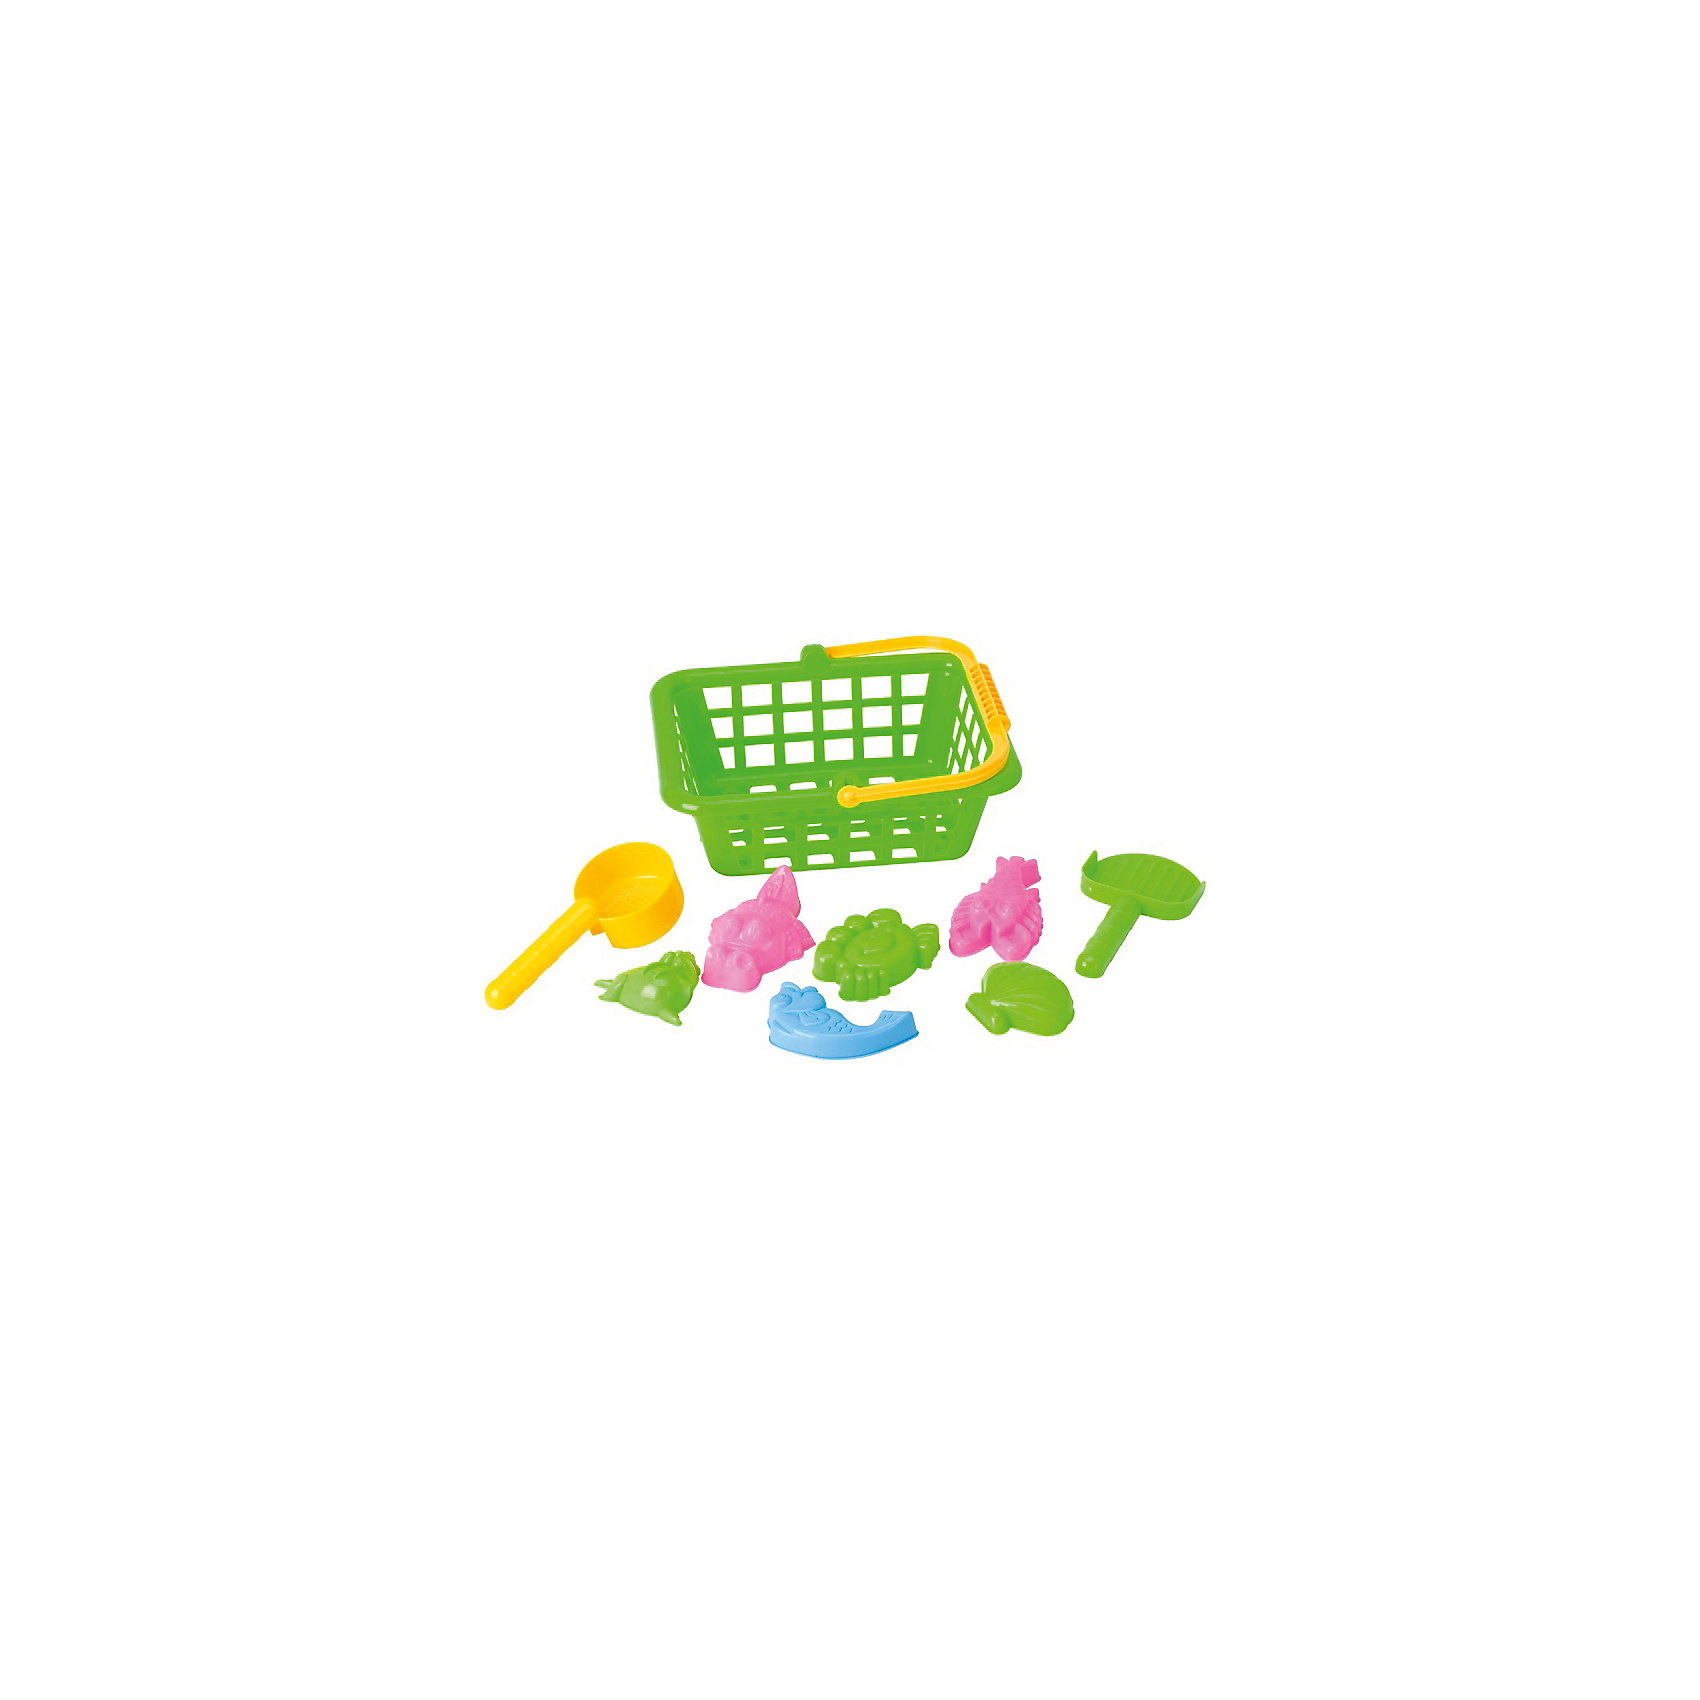 Игровой набор Жители моря, 8 предм., в корзинке, Hualian ToysИграем в песочнице<br>Игровой набор Жители моря, Hualian Toys, порадует Вашего малыша и сделает игры в песочнице еще веселее и интереснее. В комплект входят лопатка, совок-сито, шесть симпатичных формочек в виде фигурок морских обитателей, а также вместительная корзинка с ручкой, куда можно сложить все игрушки. Забавные яркие формочки позволят воплотить в жизнь самые сложные задумки маленького скульптора. Лопатка и совок-сито эргономичной формы прекрасно подходят для маленьких детских ручек. Игрушки выполнены из высококачественного материла, отвечающего всем требованиям детской безопасности. Способствуют развитию тактильных ощущений, мелкой и крупной моторики рук ребёнка, а также его двигательной активности.<br><br>Дополнительная информация:        <br><br>- В комплекте: 6 формочек, лопатка, совок-сито, корзина.<br>- Материал: пластик. <br>- Размер упаковки: 28 х 13,5 х 11,5 см.<br>- Вес: 0,255 кг.<br><br>Игровой набор Жители моря, 8 предметов, в корзинке, Hualian Toys, можно купить в нашем интернет-магазине.<br><br>Ширина мм: 280<br>Глубина мм: 135<br>Высота мм: 115<br>Вес г: 255<br>Возраст от месяцев: 36<br>Возраст до месяцев: 72<br>Пол: Унисекс<br>Возраст: Детский<br>SKU: 4622255